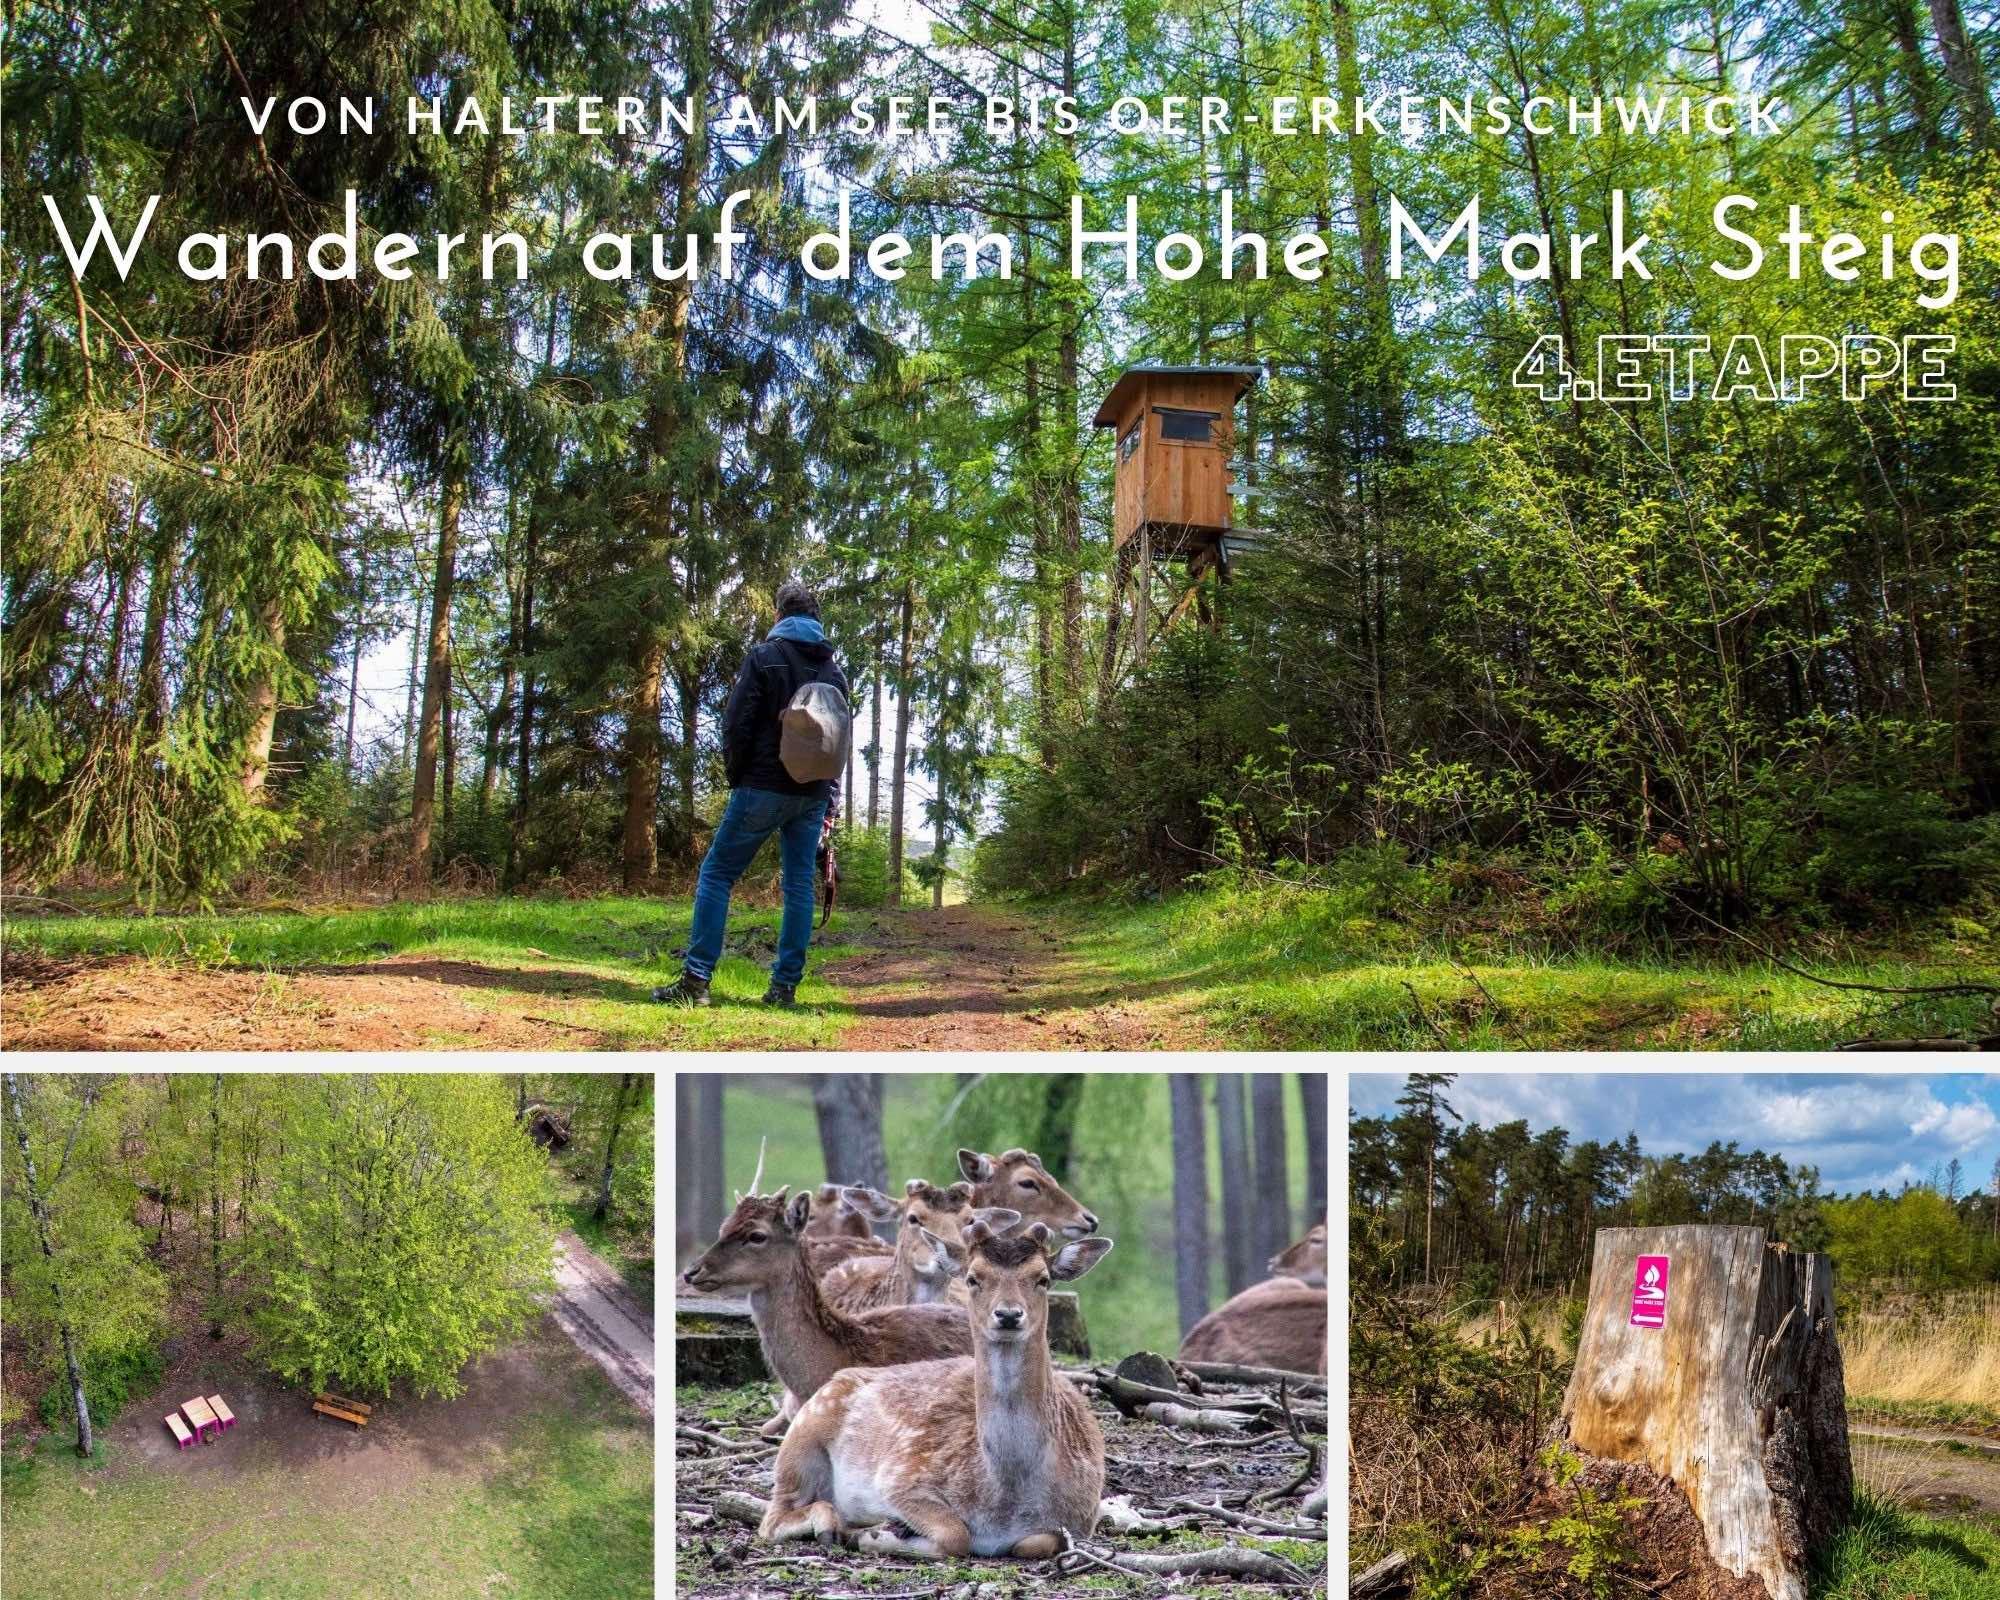 Wandern auf dem Hohe Mark Steig – 4.Etappe – Von Lembeck nach Haltern am See